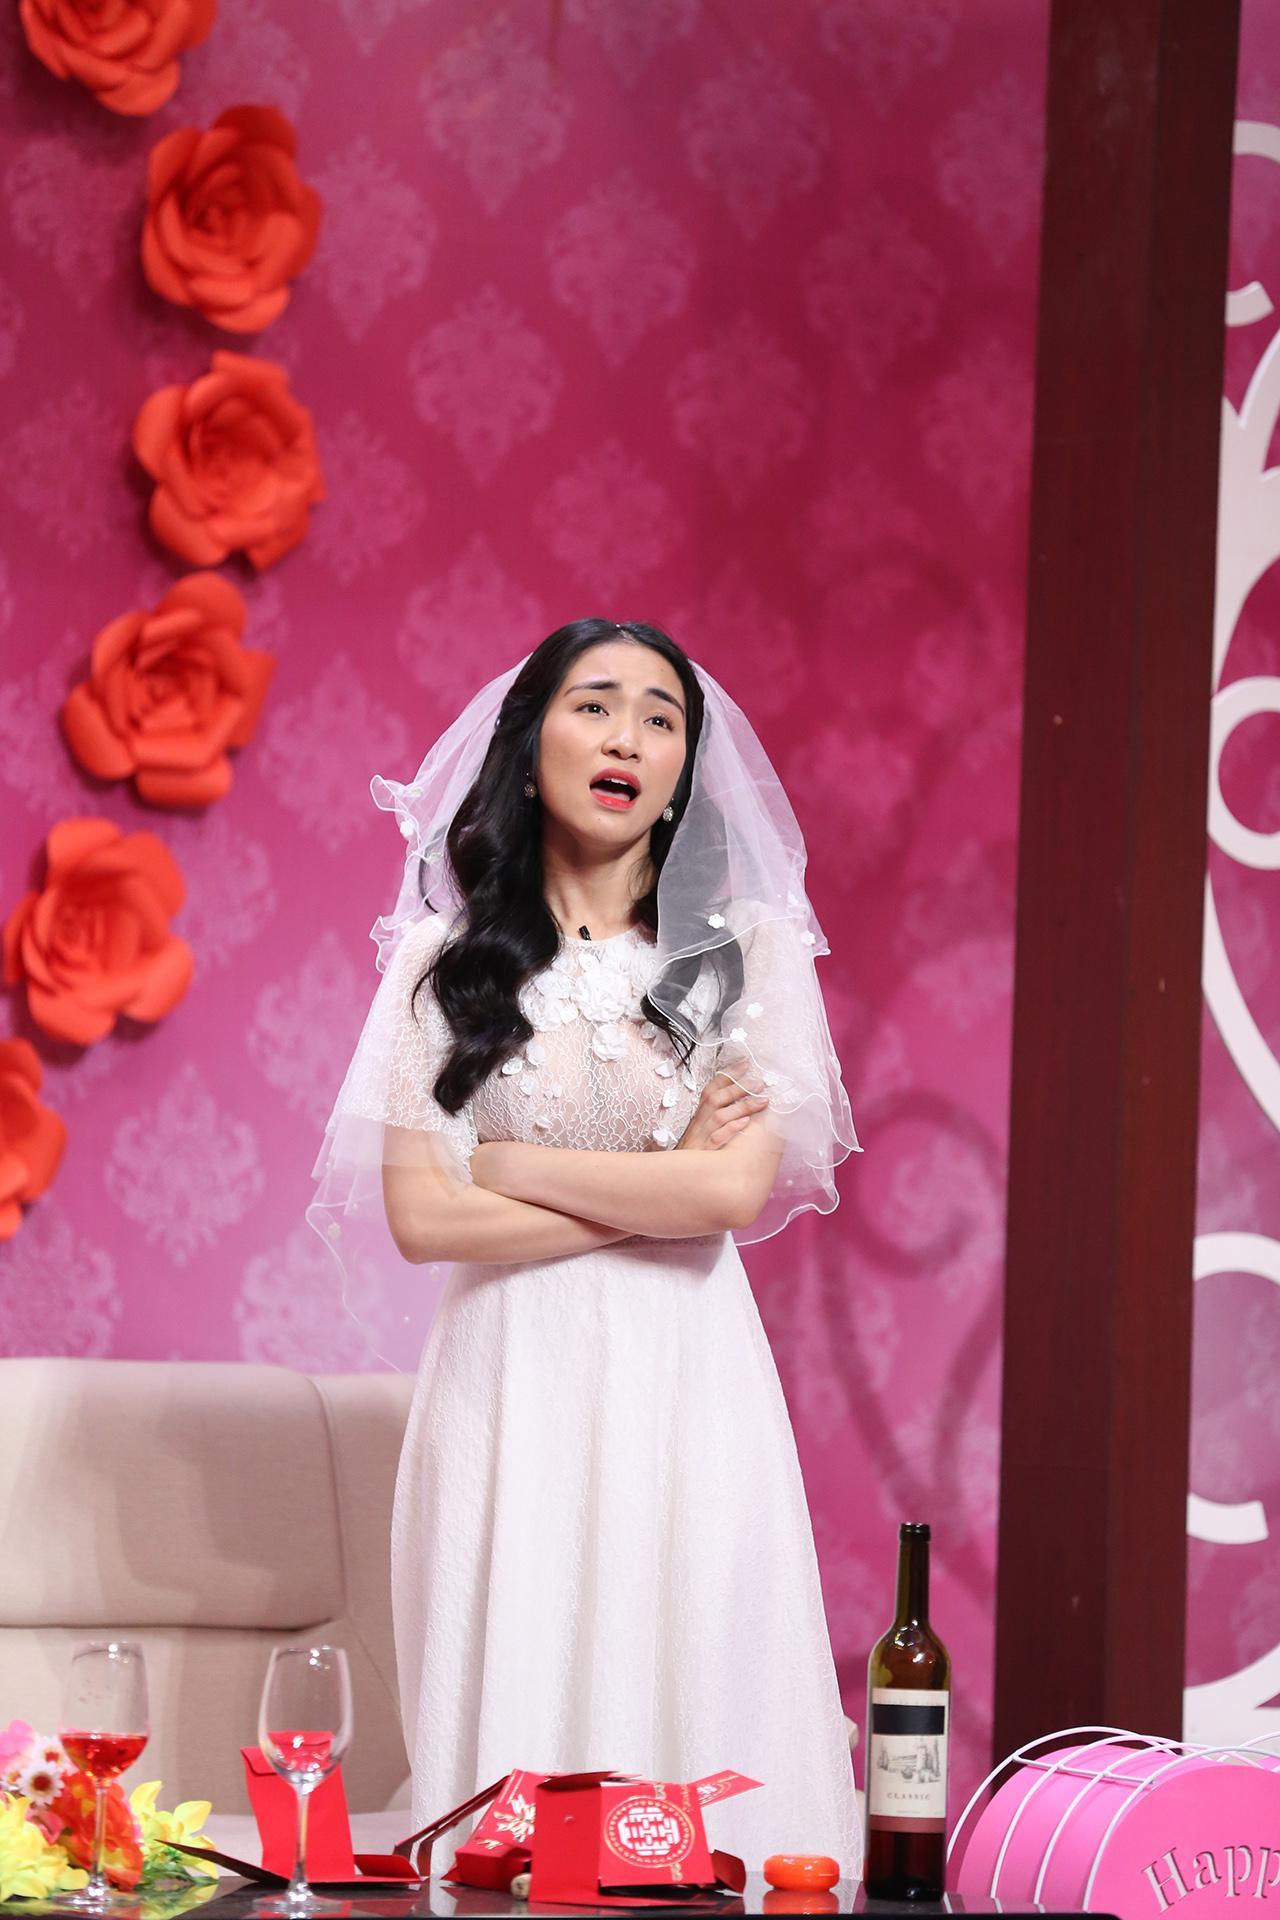 Cãi tay đôi với Tự Long, Hòa Minzy tiết lộ chuyện ăn cơm trước kẻng trên sóng Ơn giời-2